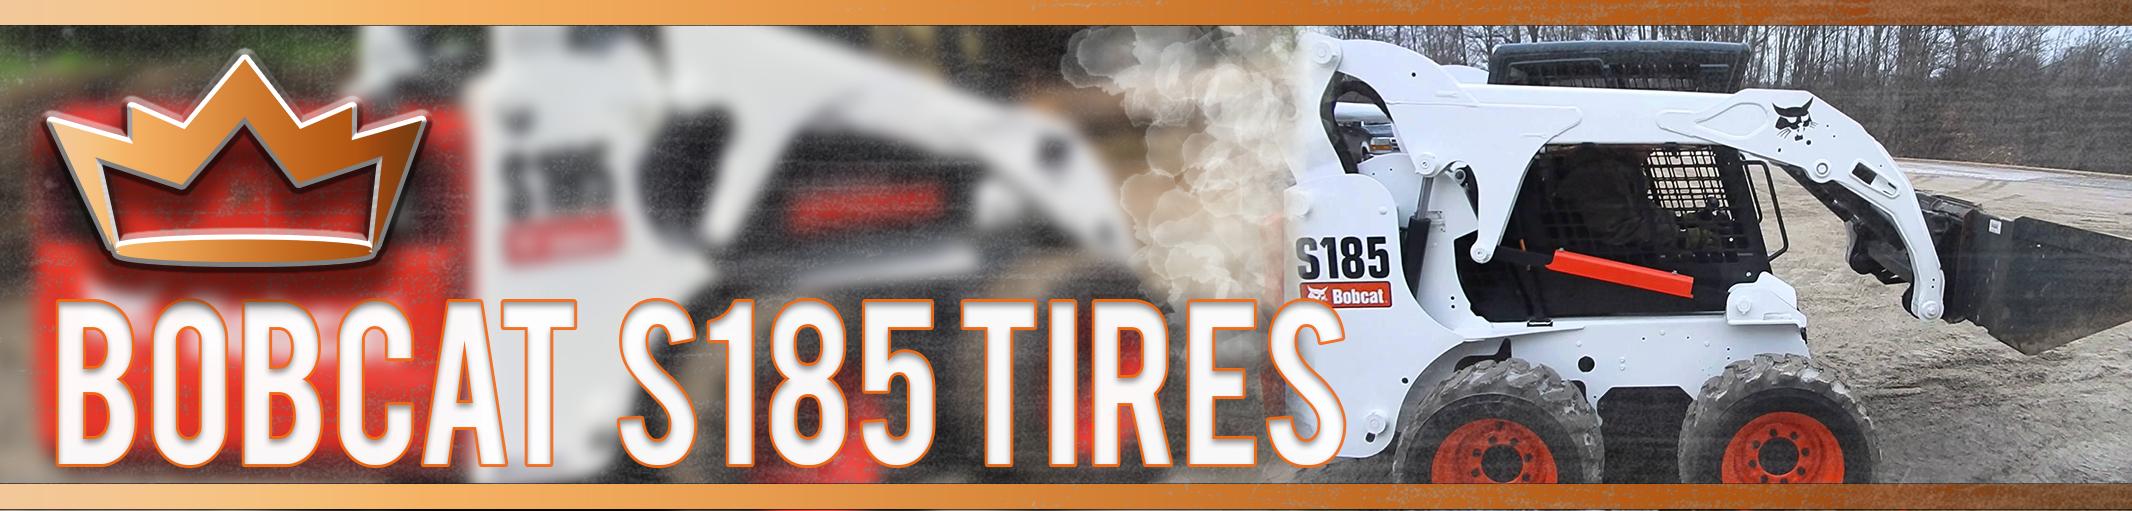 Bobcat S185 Tires